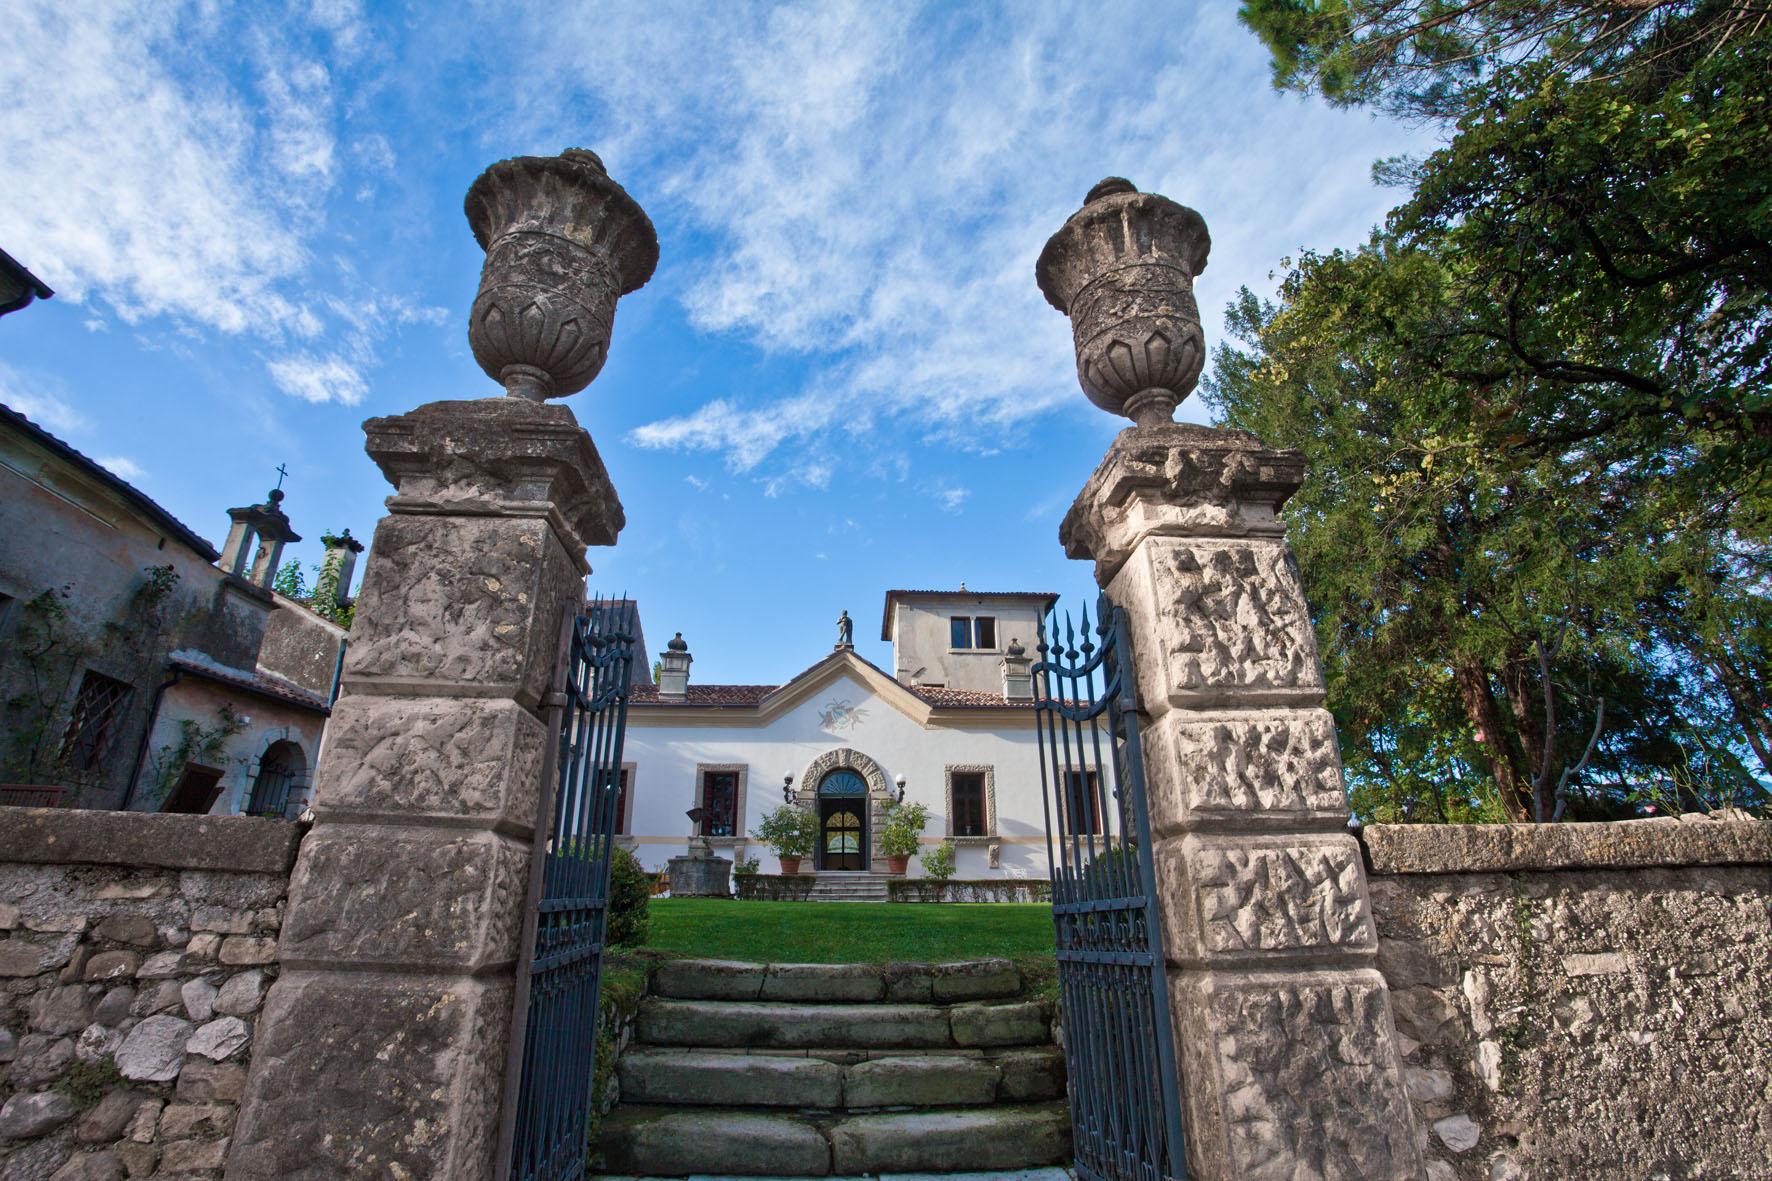 Villa Verecondi Scortecci sulle dolci colline trevigiane è pronta ad accogliervi...